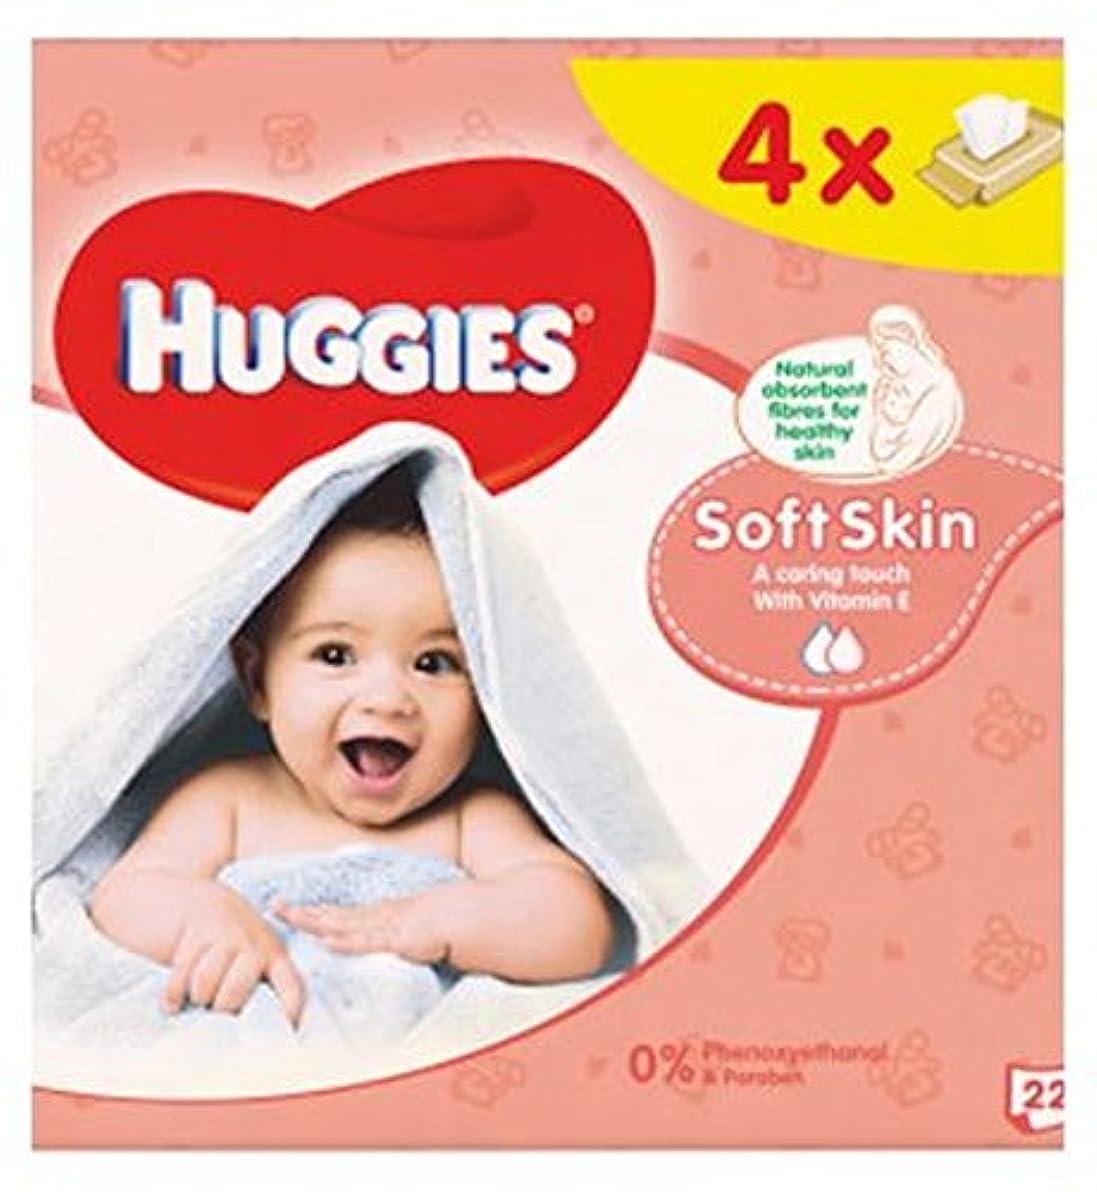 送信するベッツィトロットウッドバックHuggies Baby Wipes Soft Skin Quads 56s - ハギーズの赤ちゃんは柔らかい肌のクアッド56Sを払拭します (Huggies) [並行輸入品]